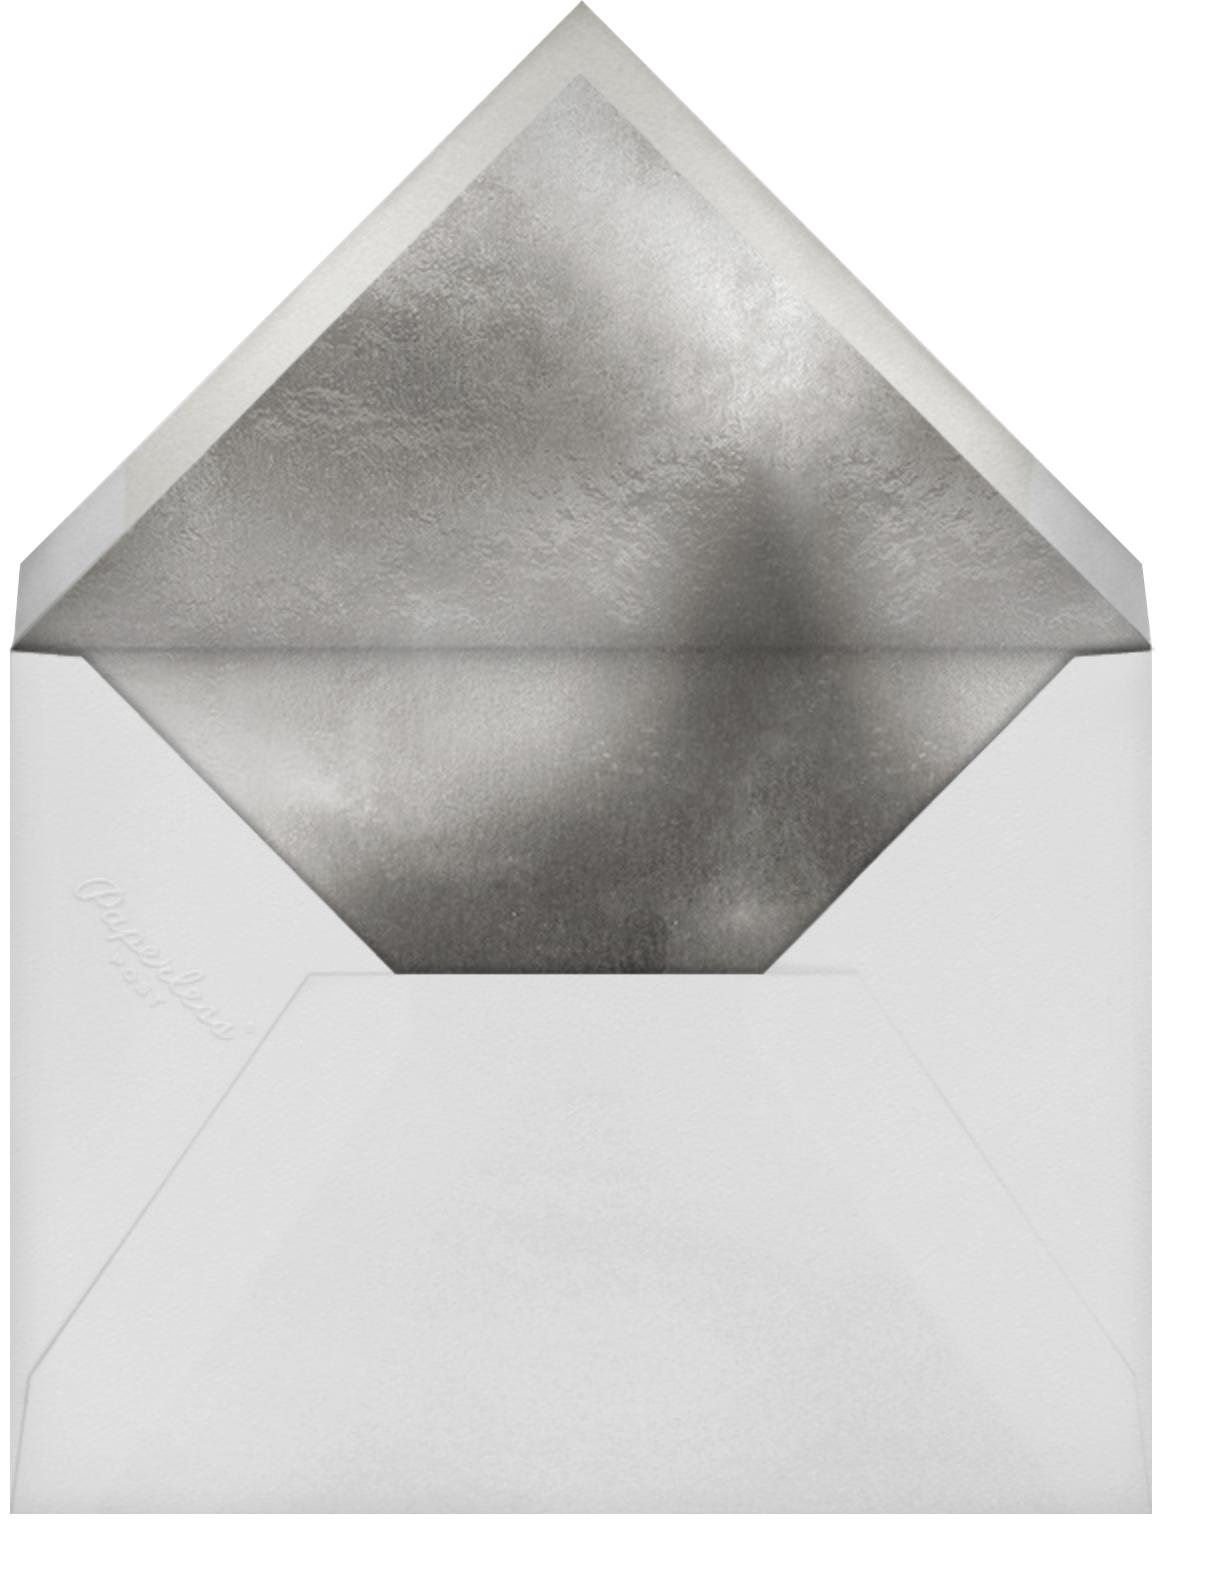 Delano - Jonathan Adler - Anniversary party - envelope back